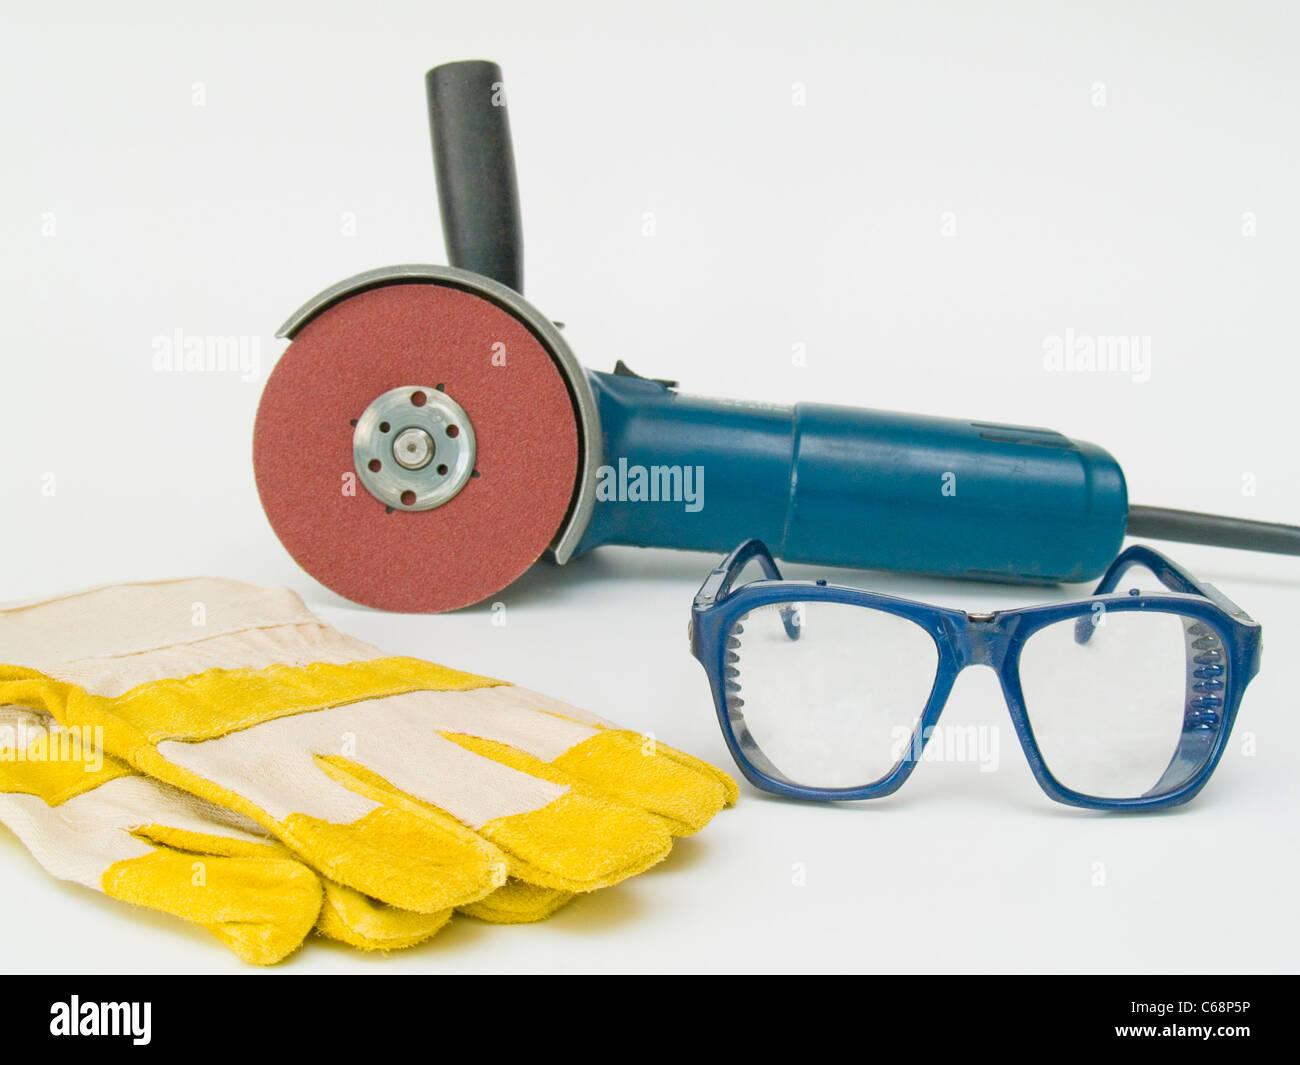 Winkelschleifer mit Schutzhandschuhen und Schutzbrille | Angle grinder with protective gloves and safety goggles Stock Photo